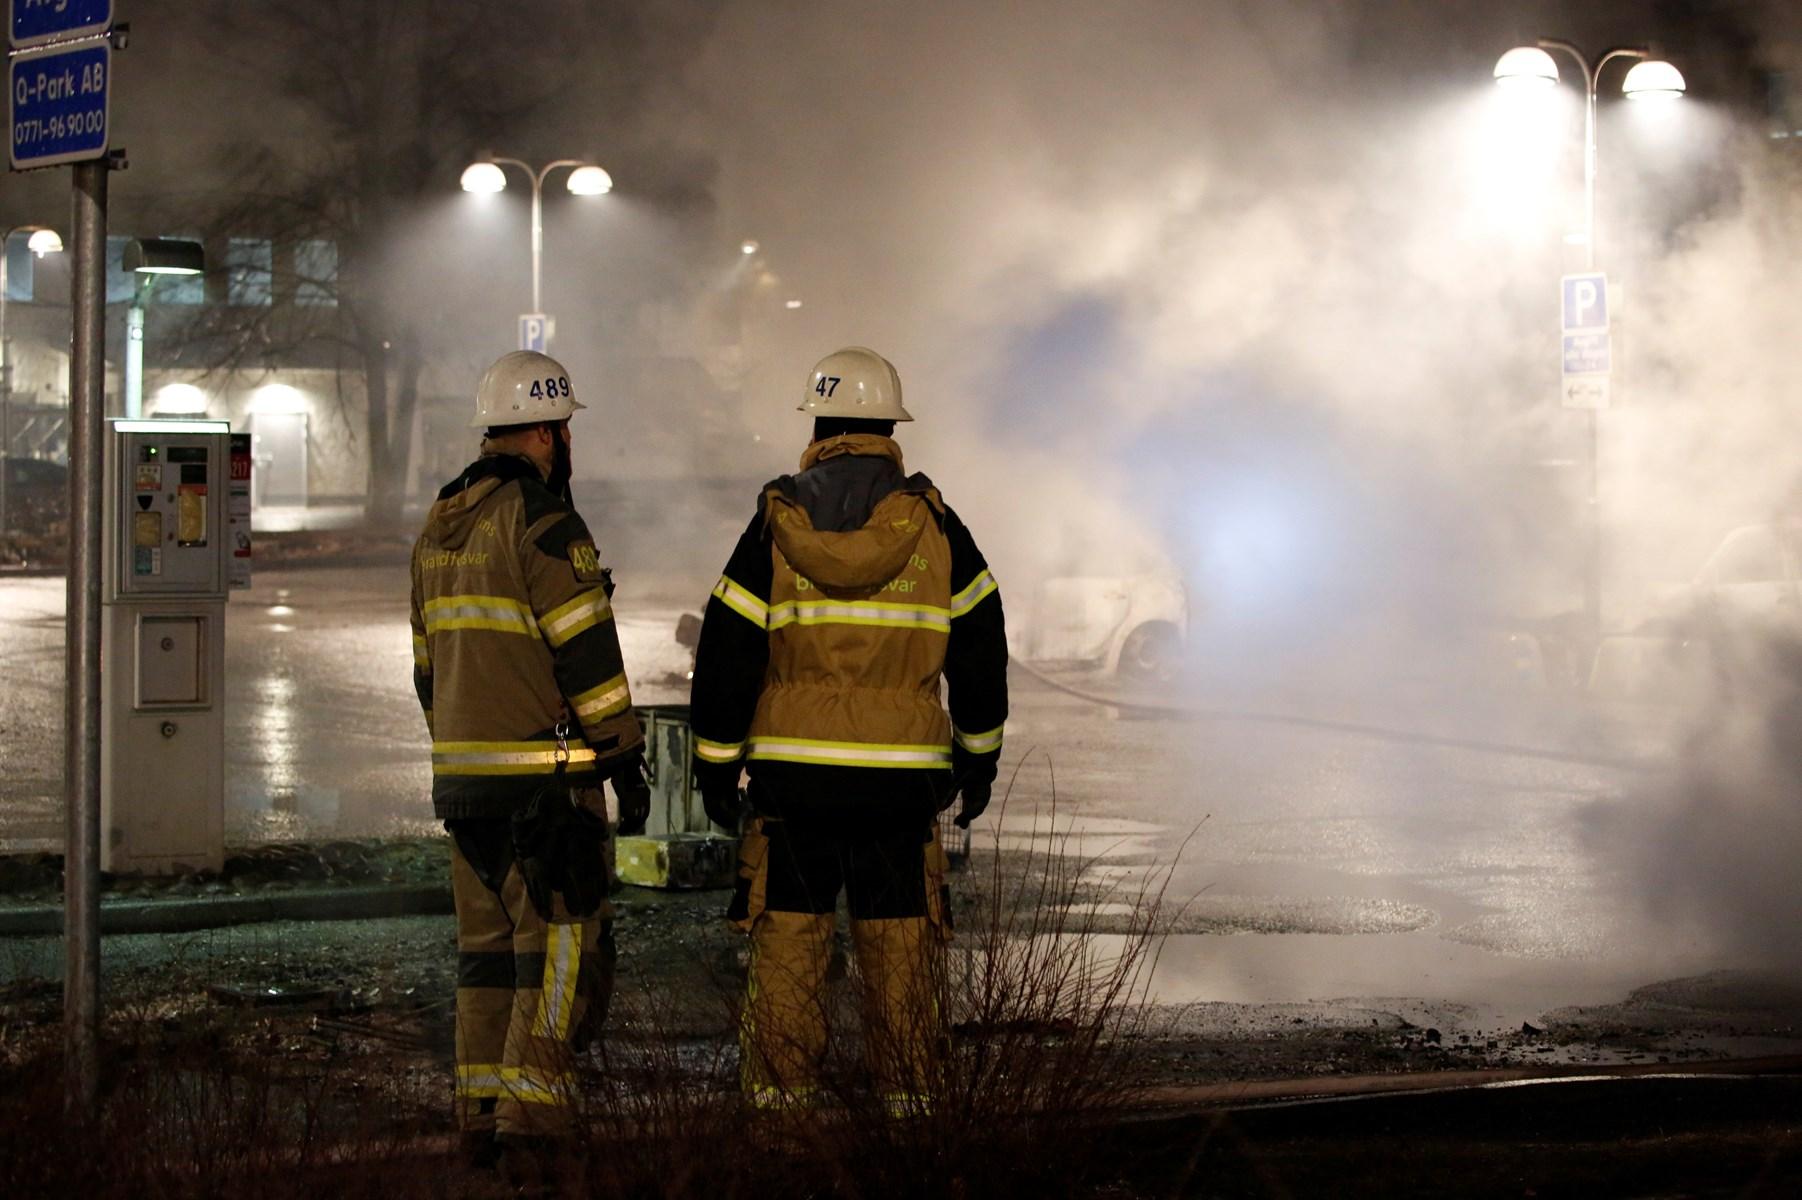 svensk politi skød direkte mod stenkastere